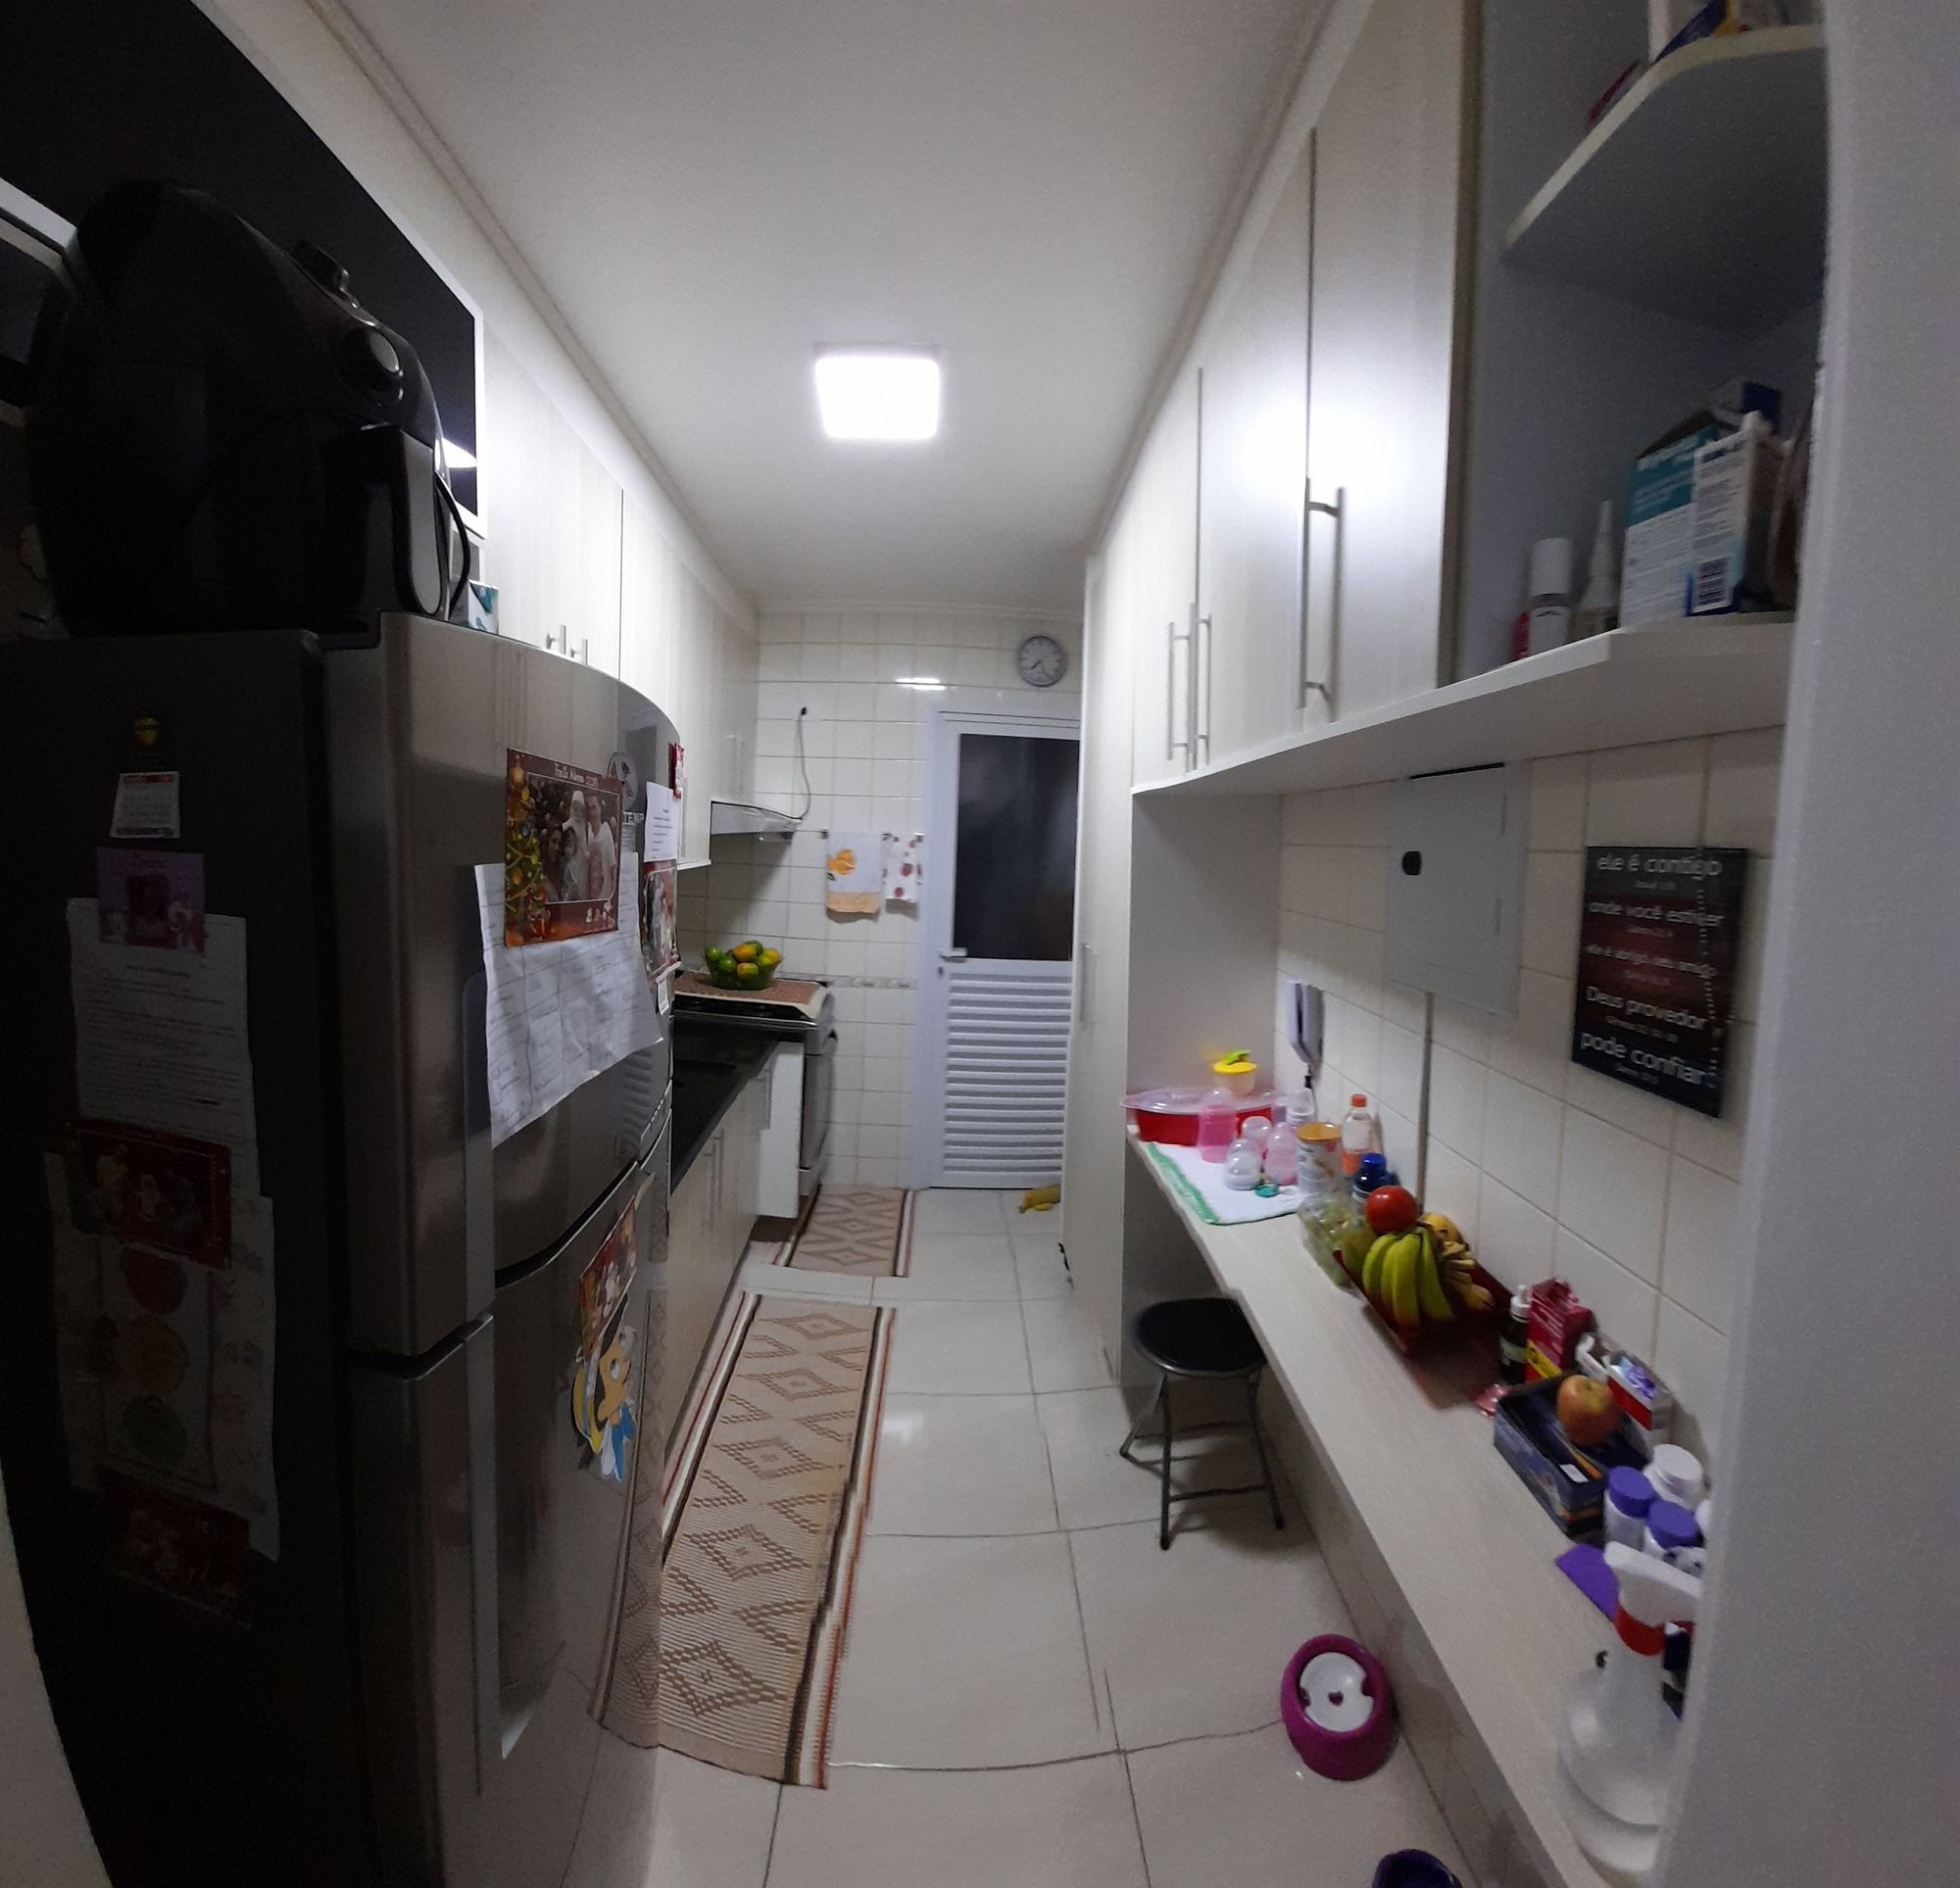 Foto de Cozinha com relógio, garrafa, geladeira, cadeira